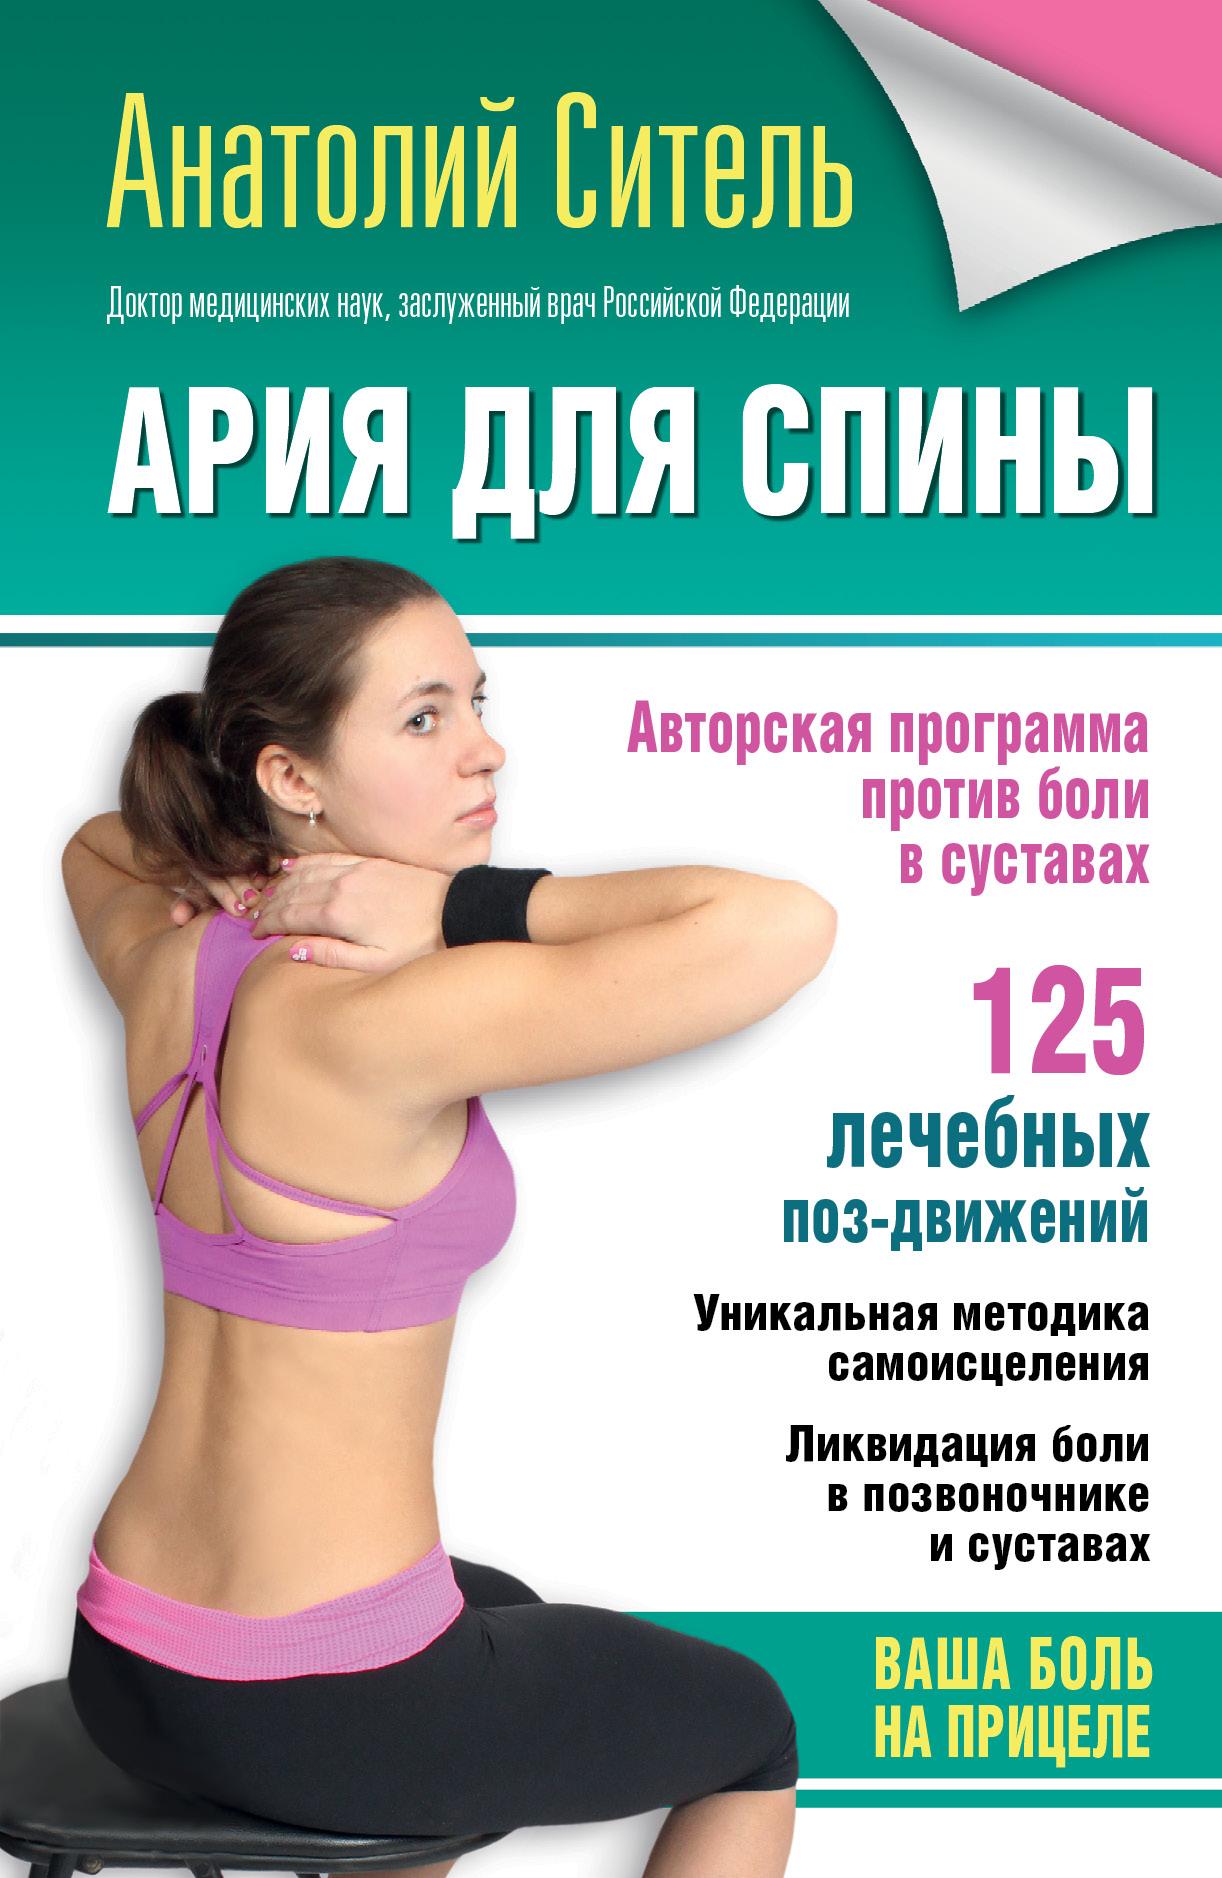 Ария для спины. Авторская программа, чтобы никогда не болели суставы ( Ситель А.Б.  )